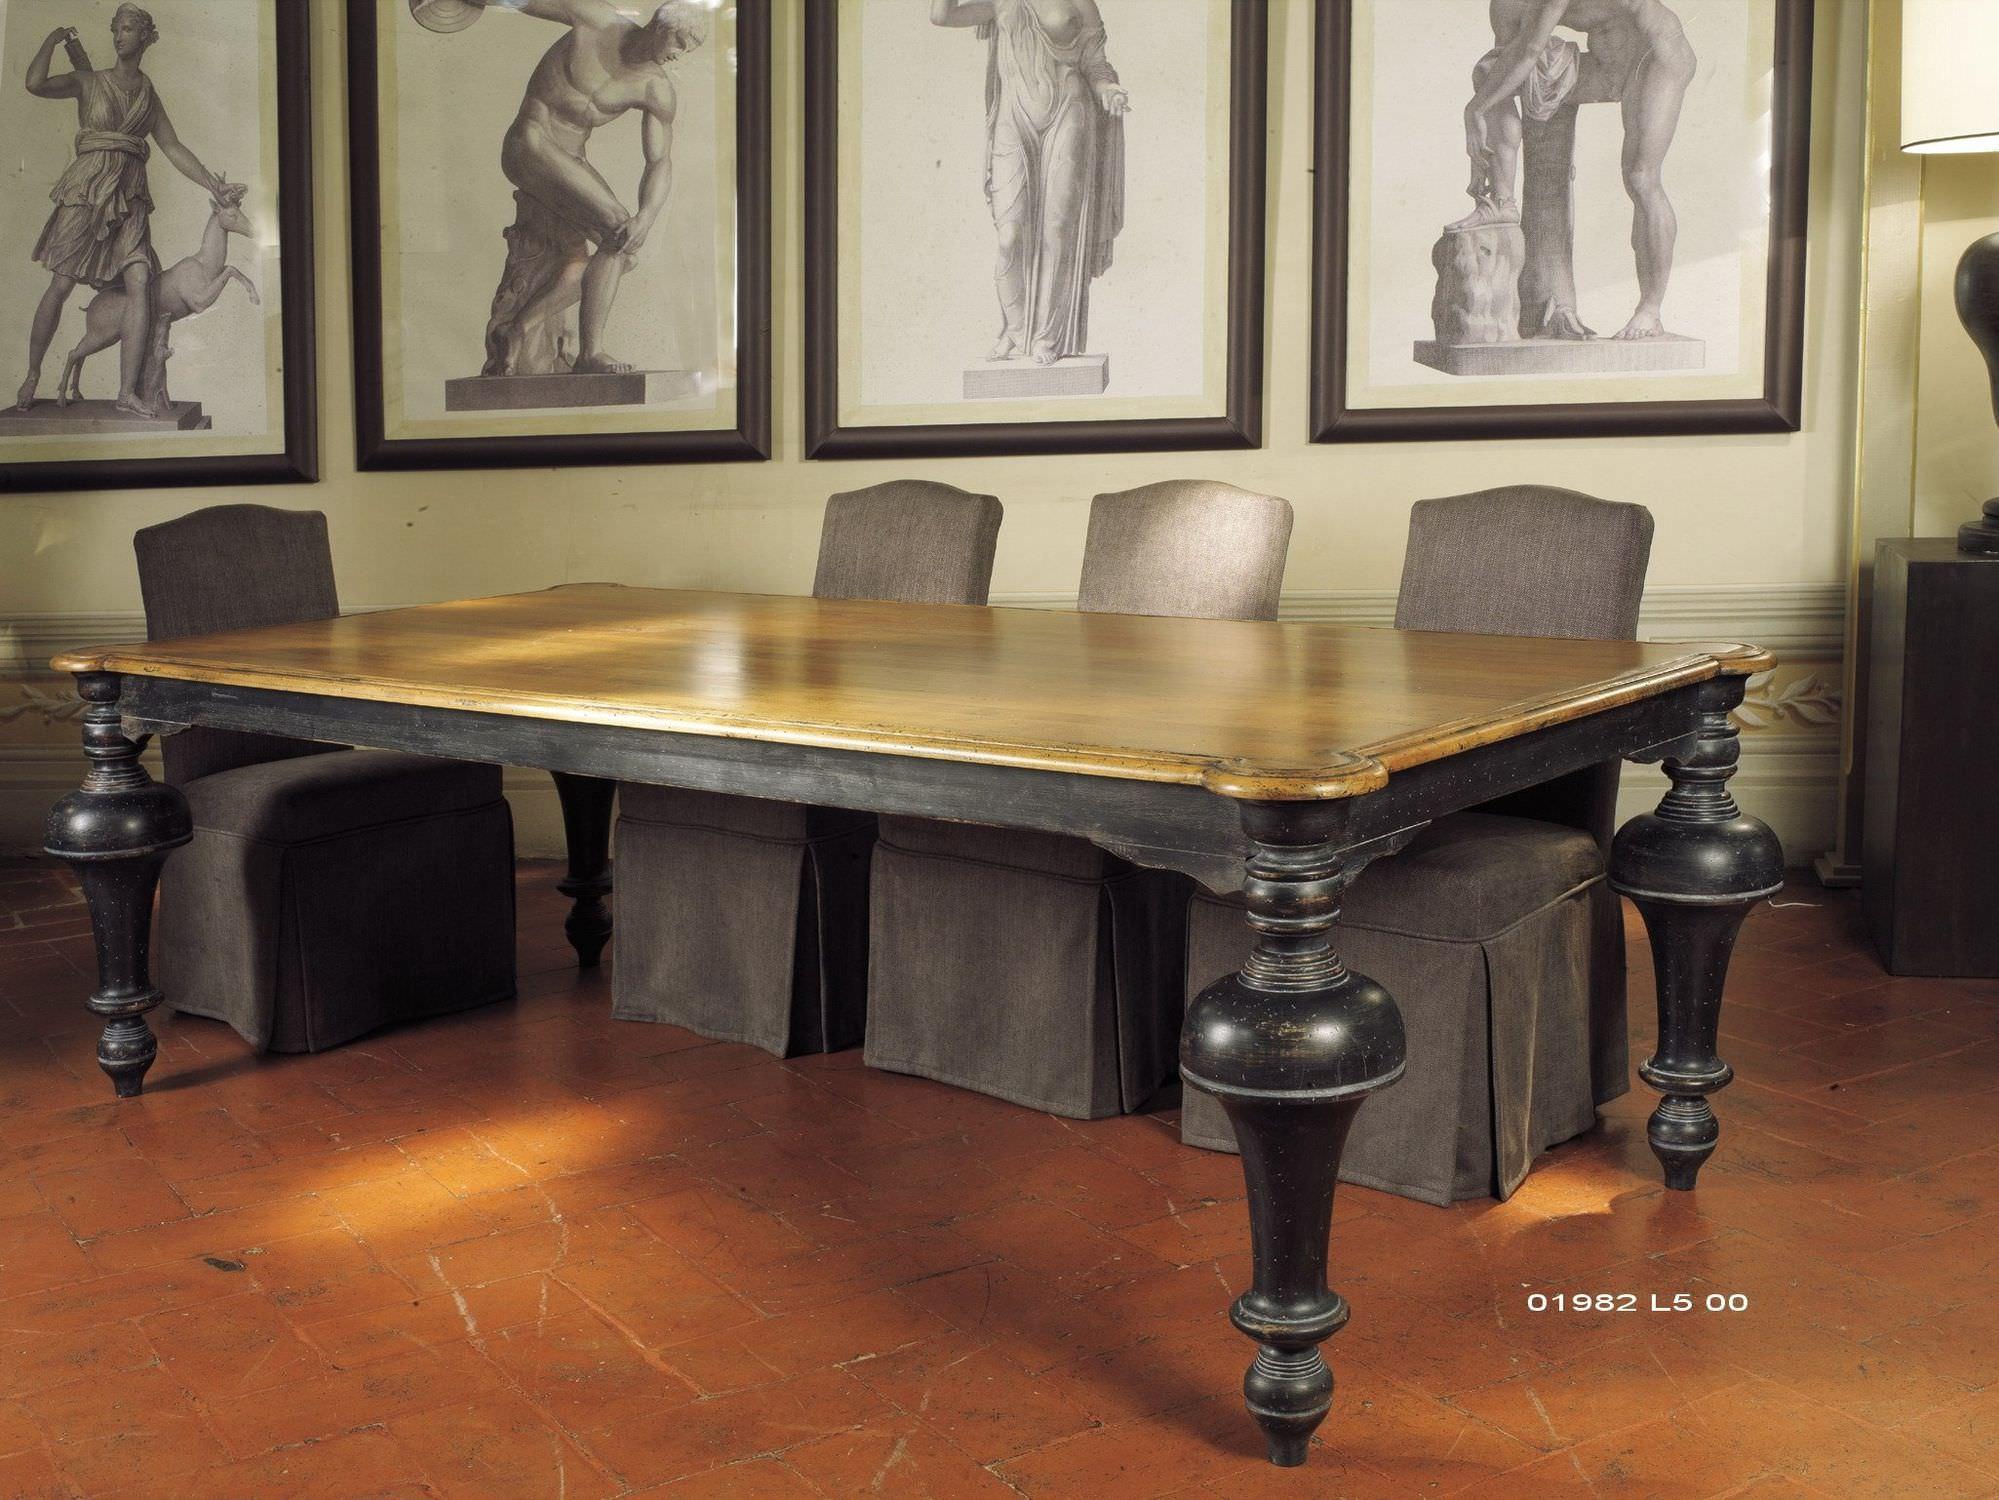 Tavoli Da Pranzo Importanti.Tavolo Da Pranzo Classico In Legno Quadrato Tower Marioni